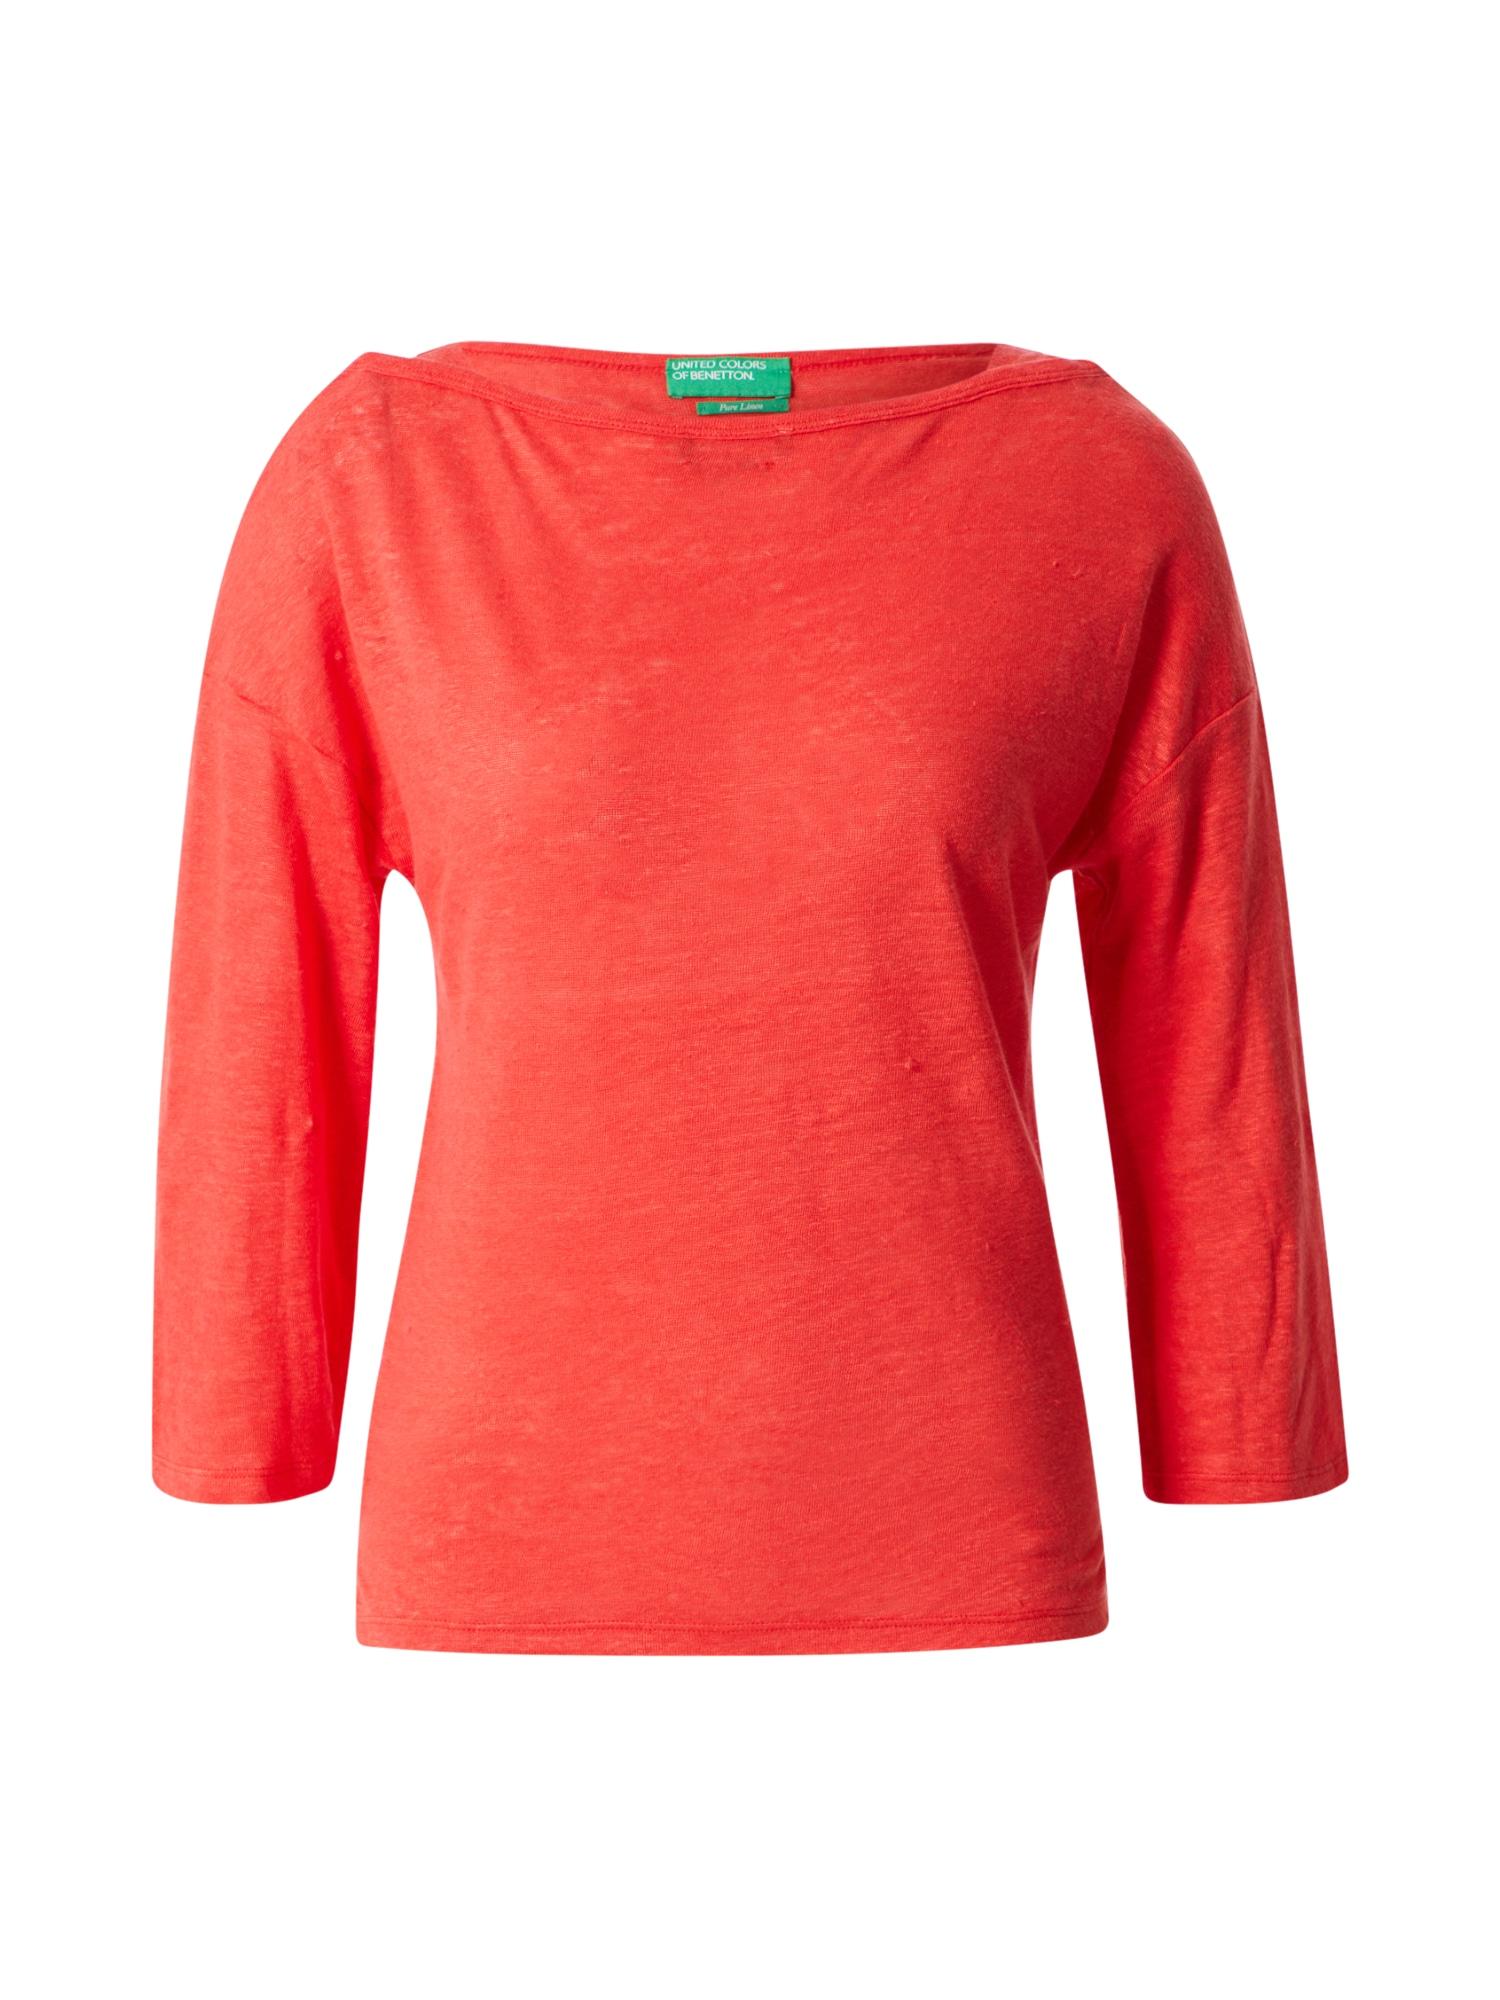 UNITED COLORS OF BENETTON Tričko  oranžově červená